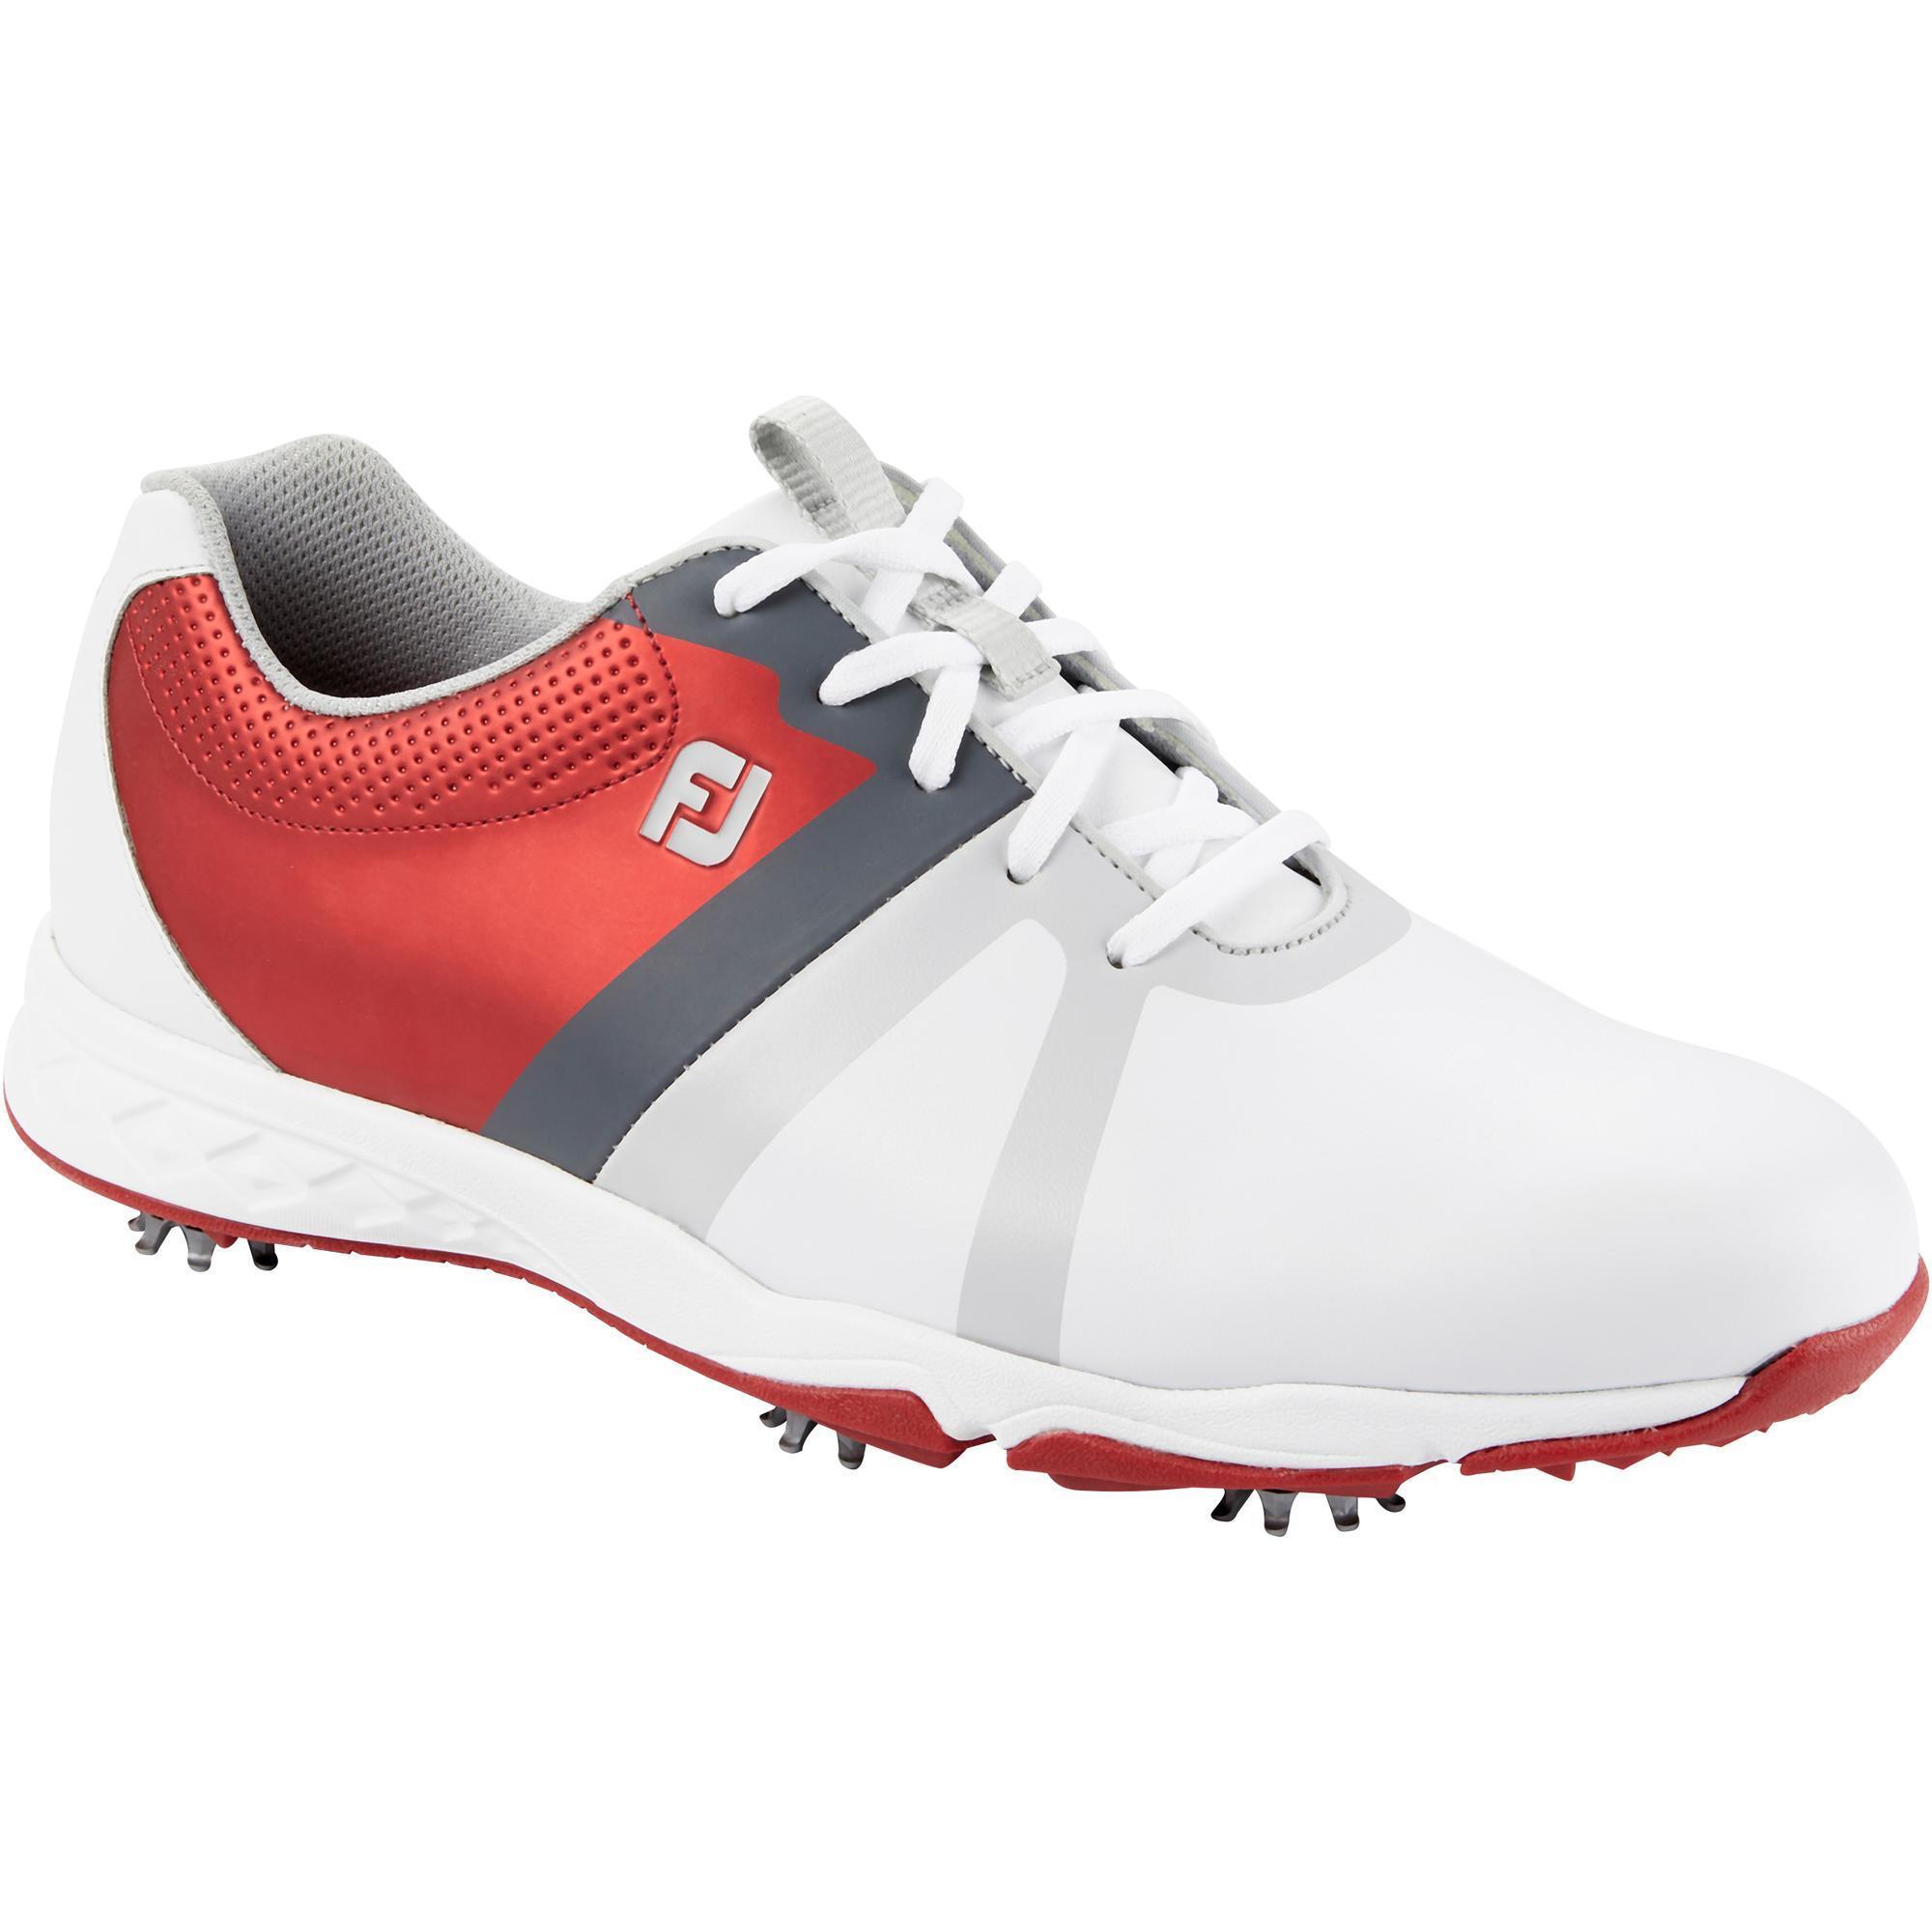 Footjoy Golfschoenen Energize voor heren wit en rood